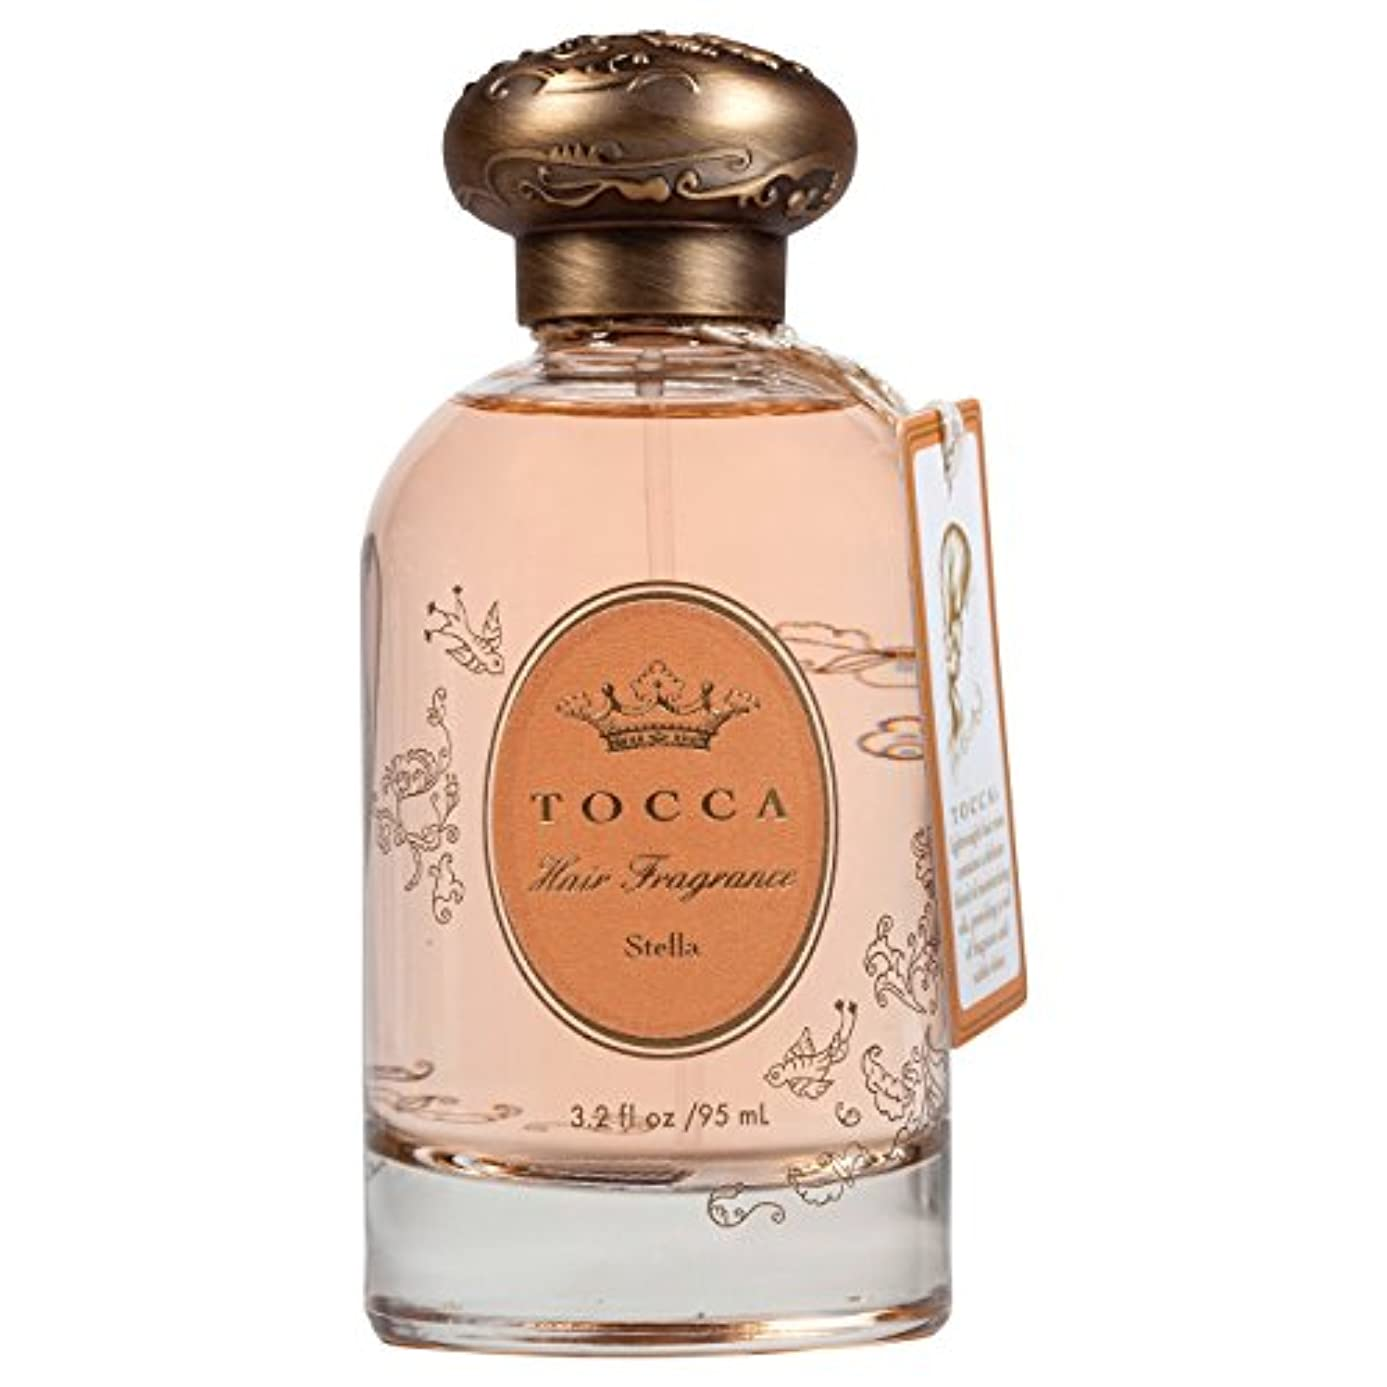 クライストチャーチ料理予想外トッカ(TOCCA) ヘアフレグランスミスト ステラの香り 95ml